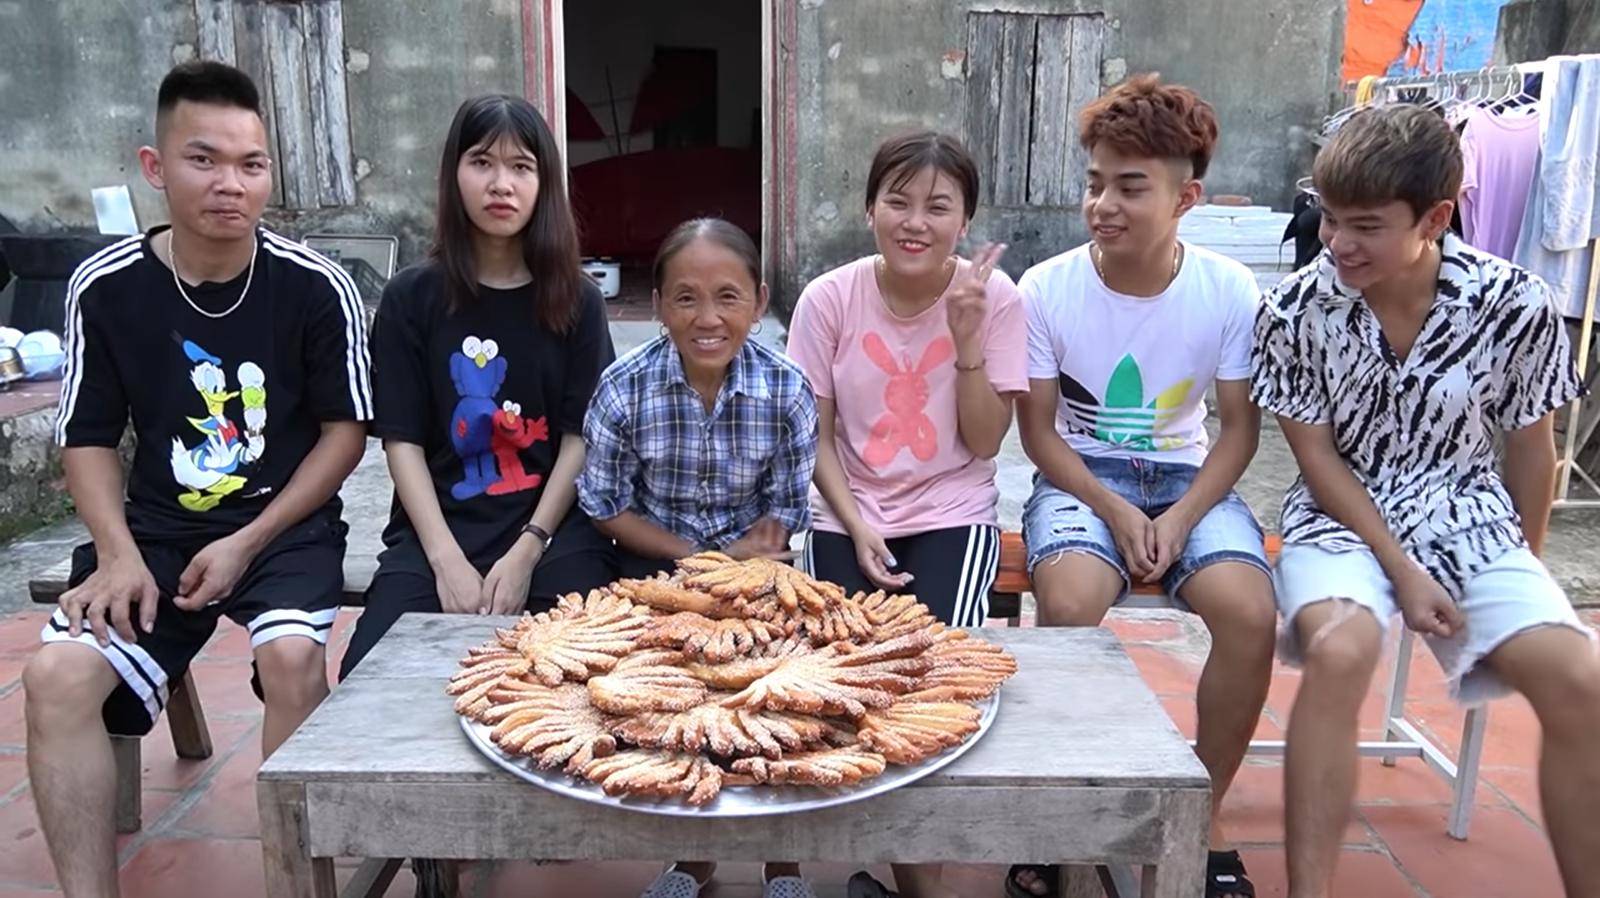 Chưa hết 'hoảng hồn' với món bánh tiêu phiên bản 'kinh dị' của Bà Tân Vlog, dân mạng lại phát hiện thêm sự cố mất vệ sinh - Ảnh 9